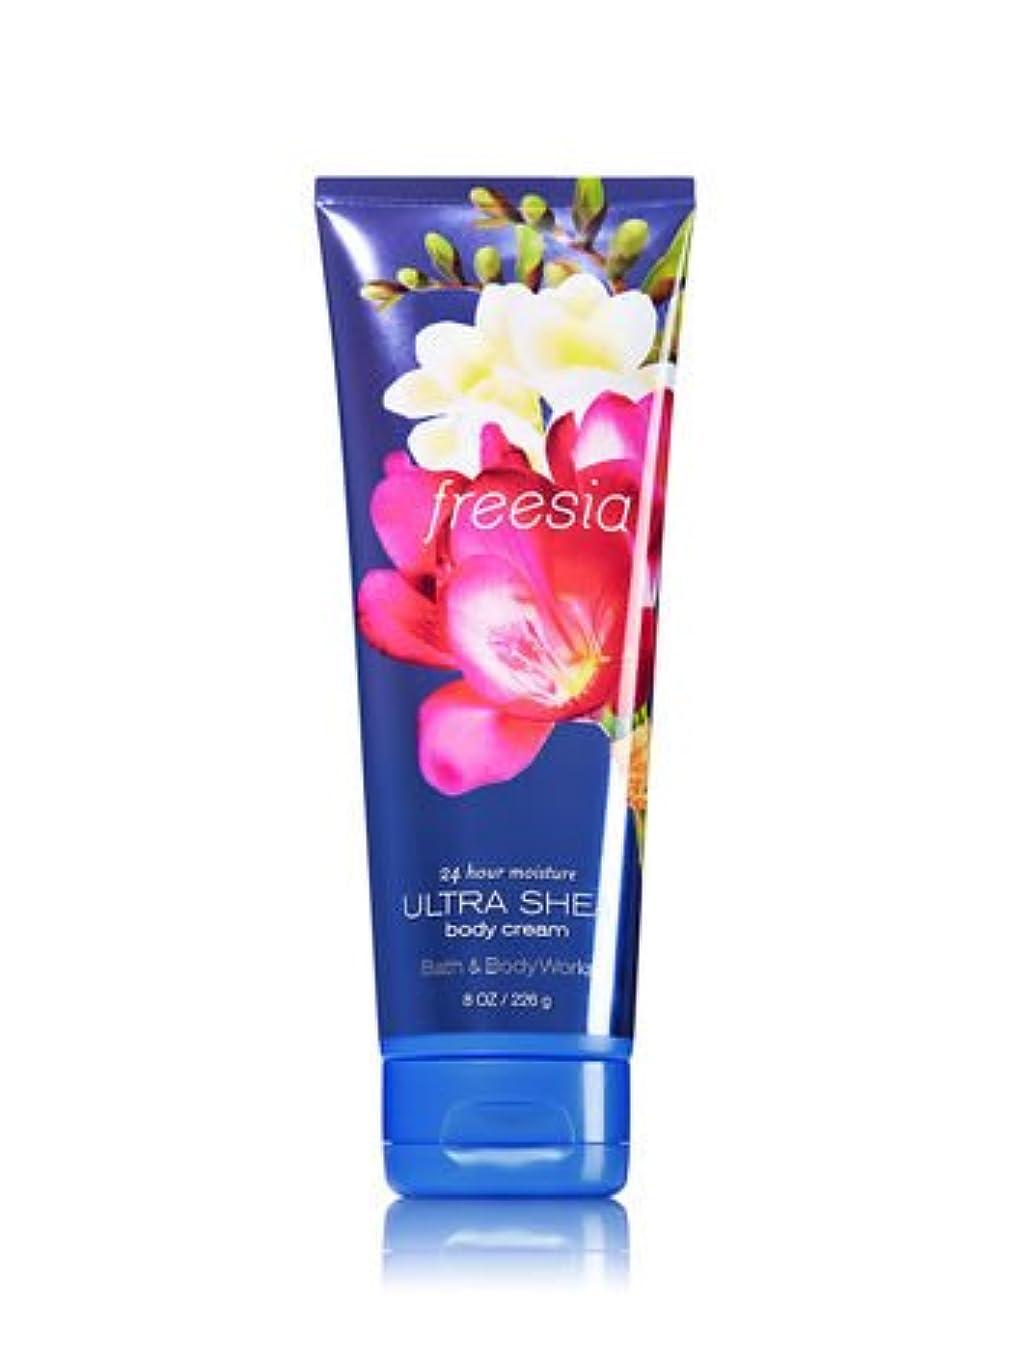 大臣ルネッサンス伝える【Bath&Body Works/バス&ボディワークス】 ボディクリーム フリージア Ultra Shea Body Cream Freesia 8 oz / 226 g [並行輸入品]